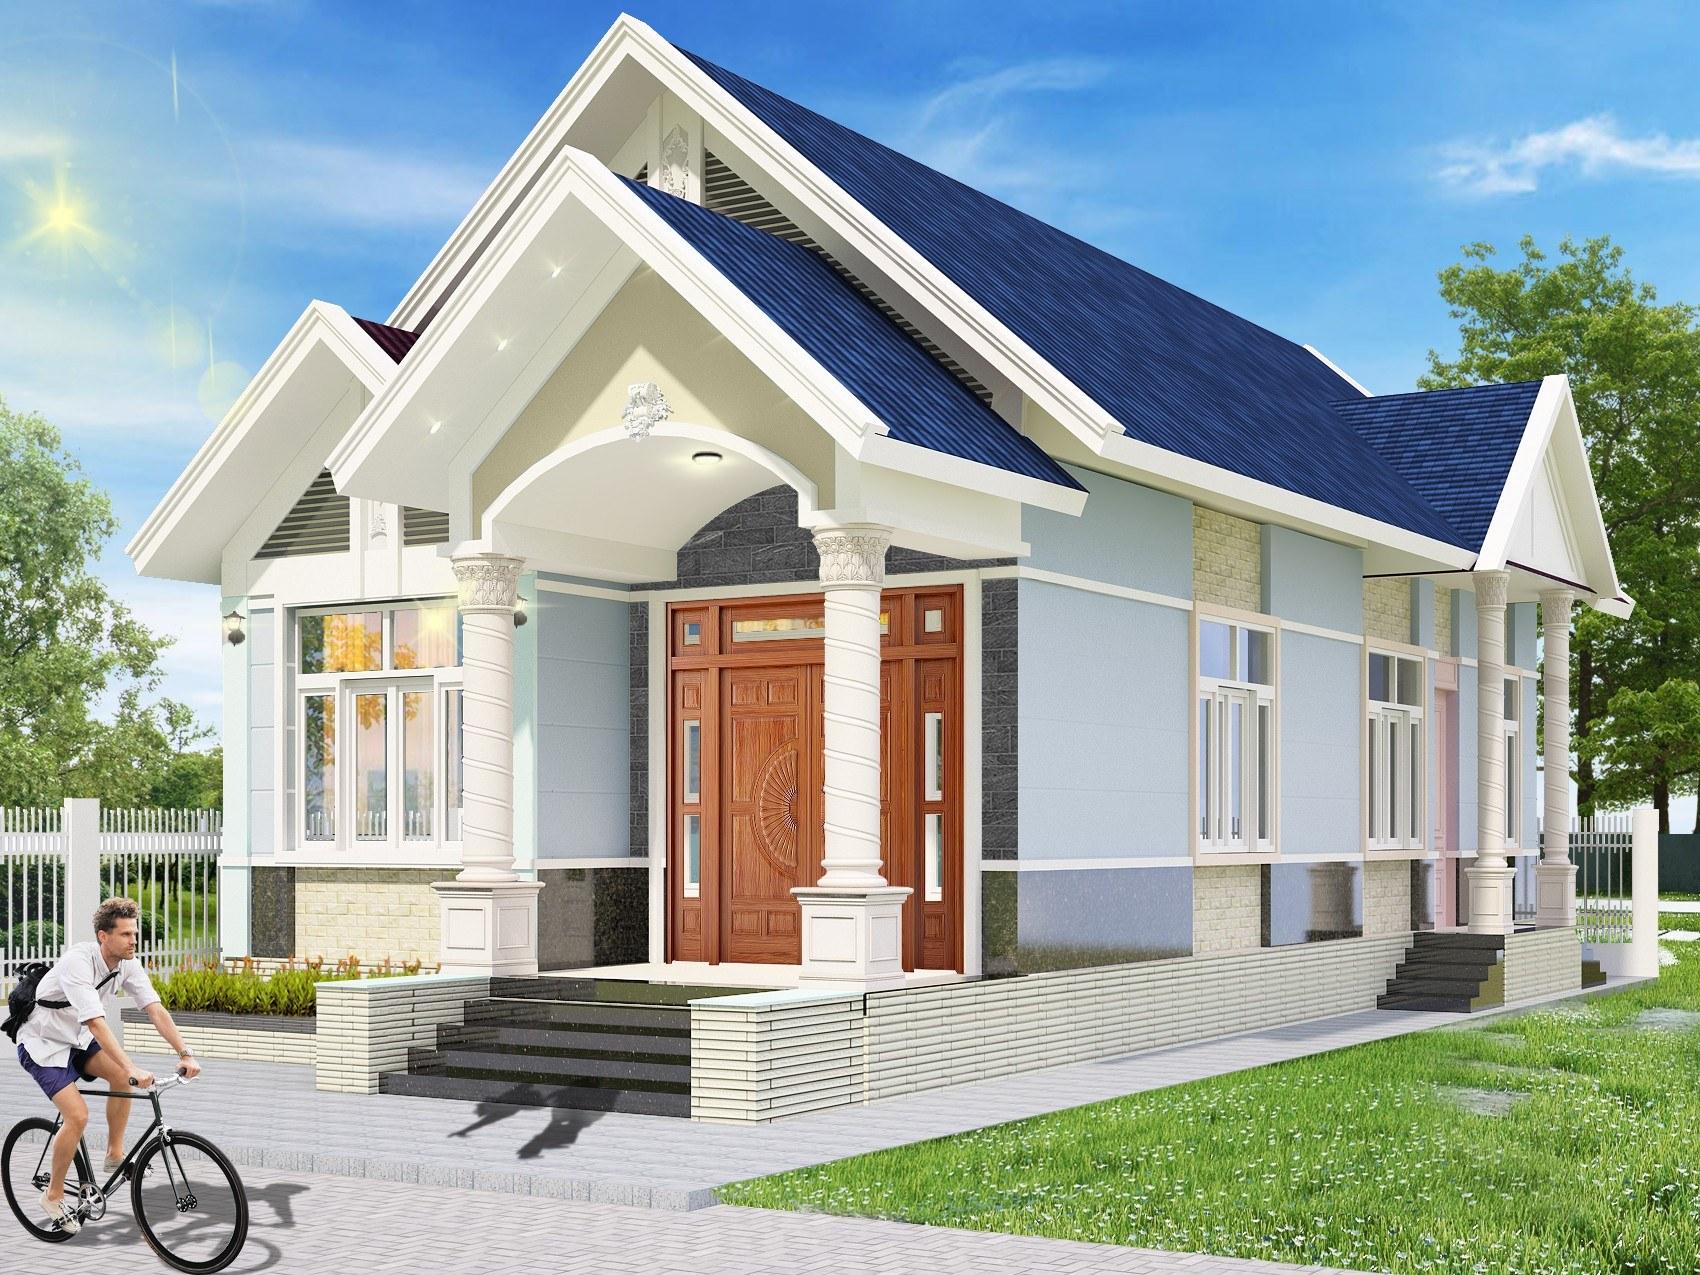 Những mẫu nhà cấp 4 giá dưới 300 triệu khu vực Đồng Nai